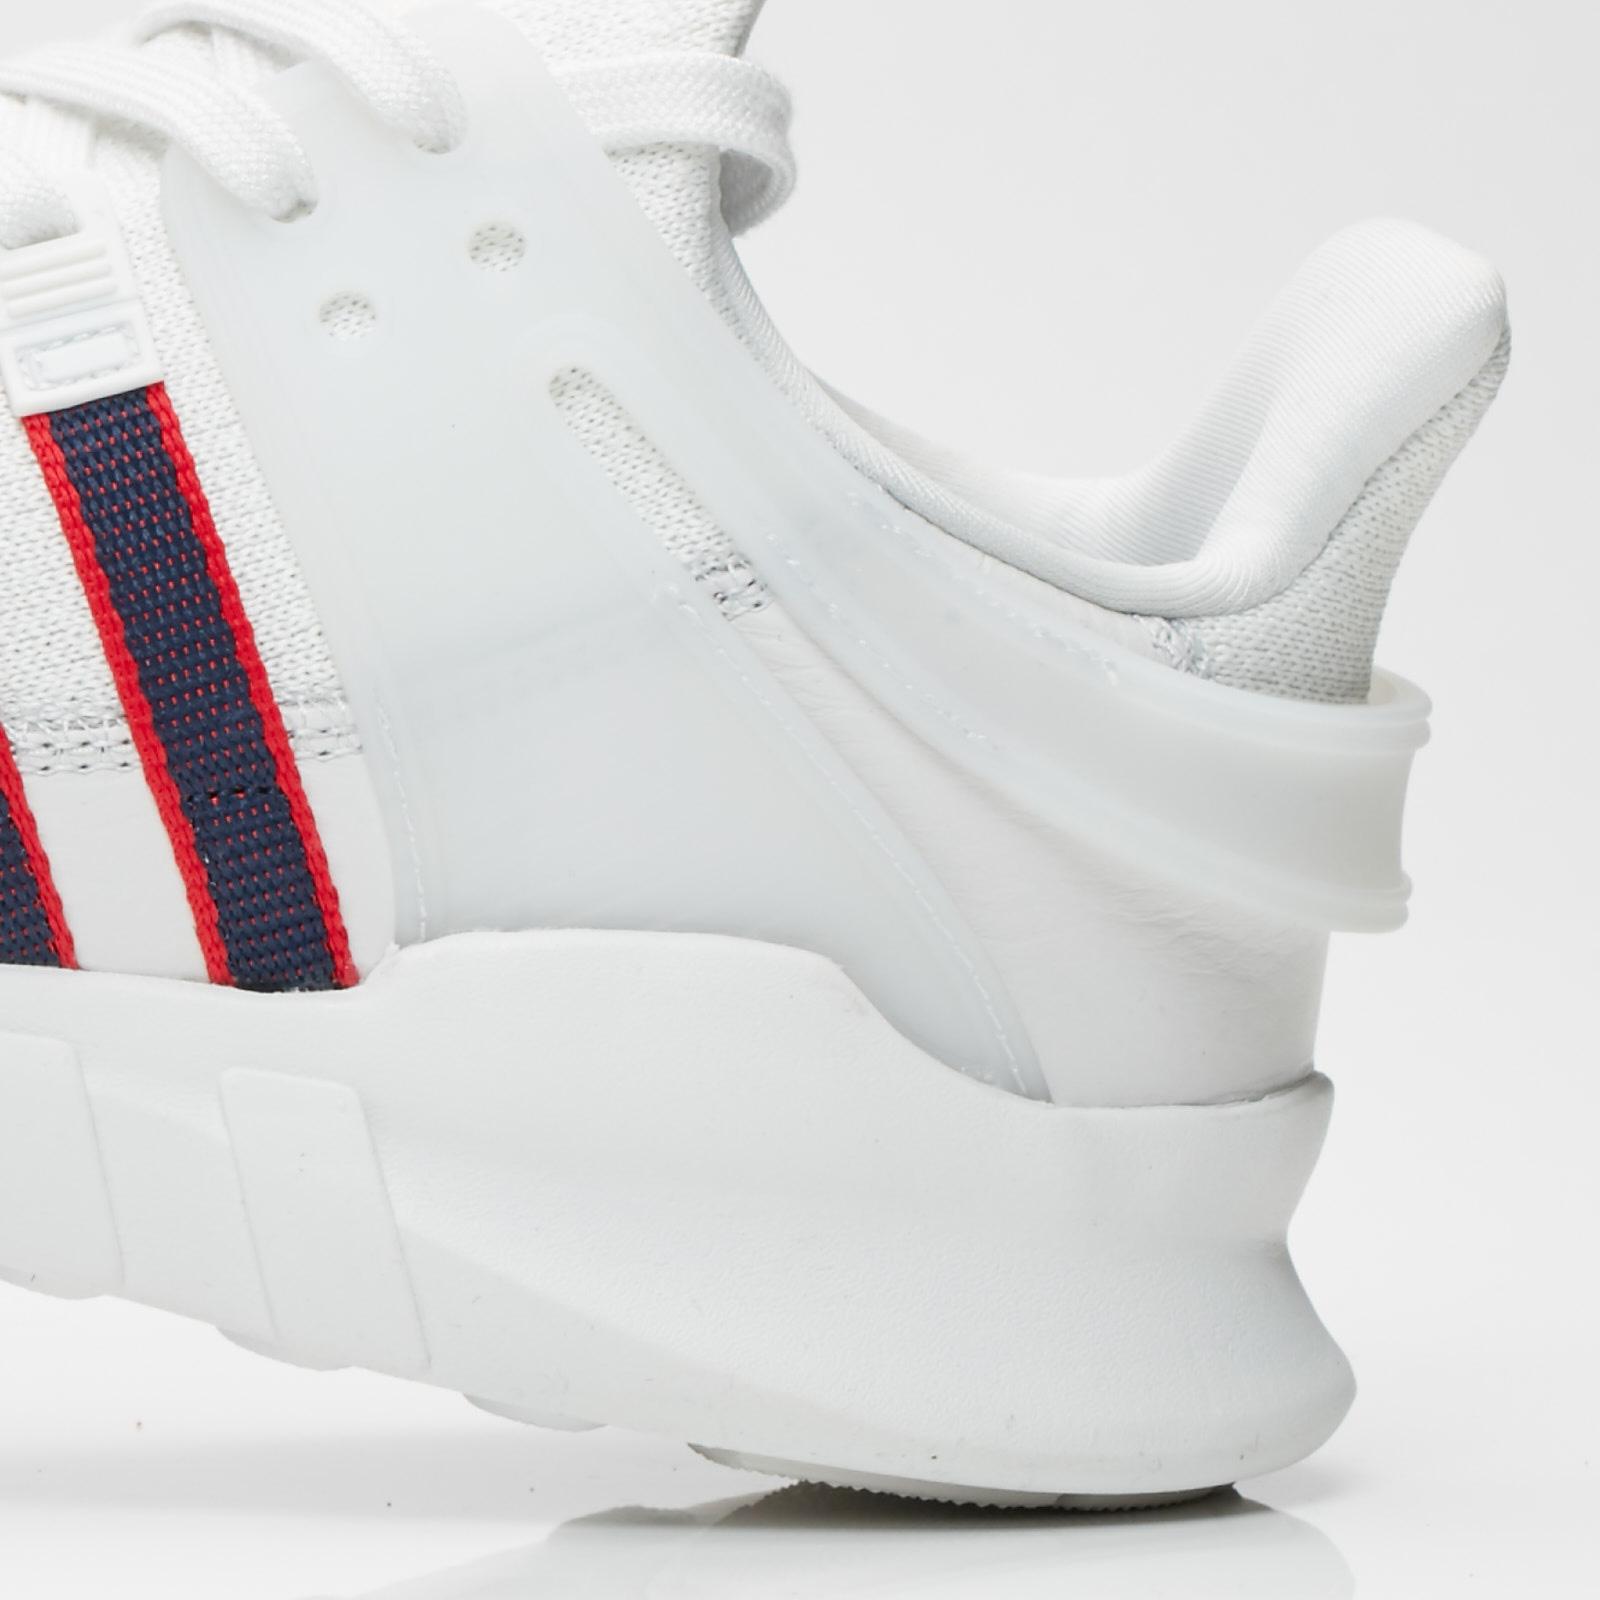 new style b2d37 0d408 ... adidas Originals EQT Support ADV